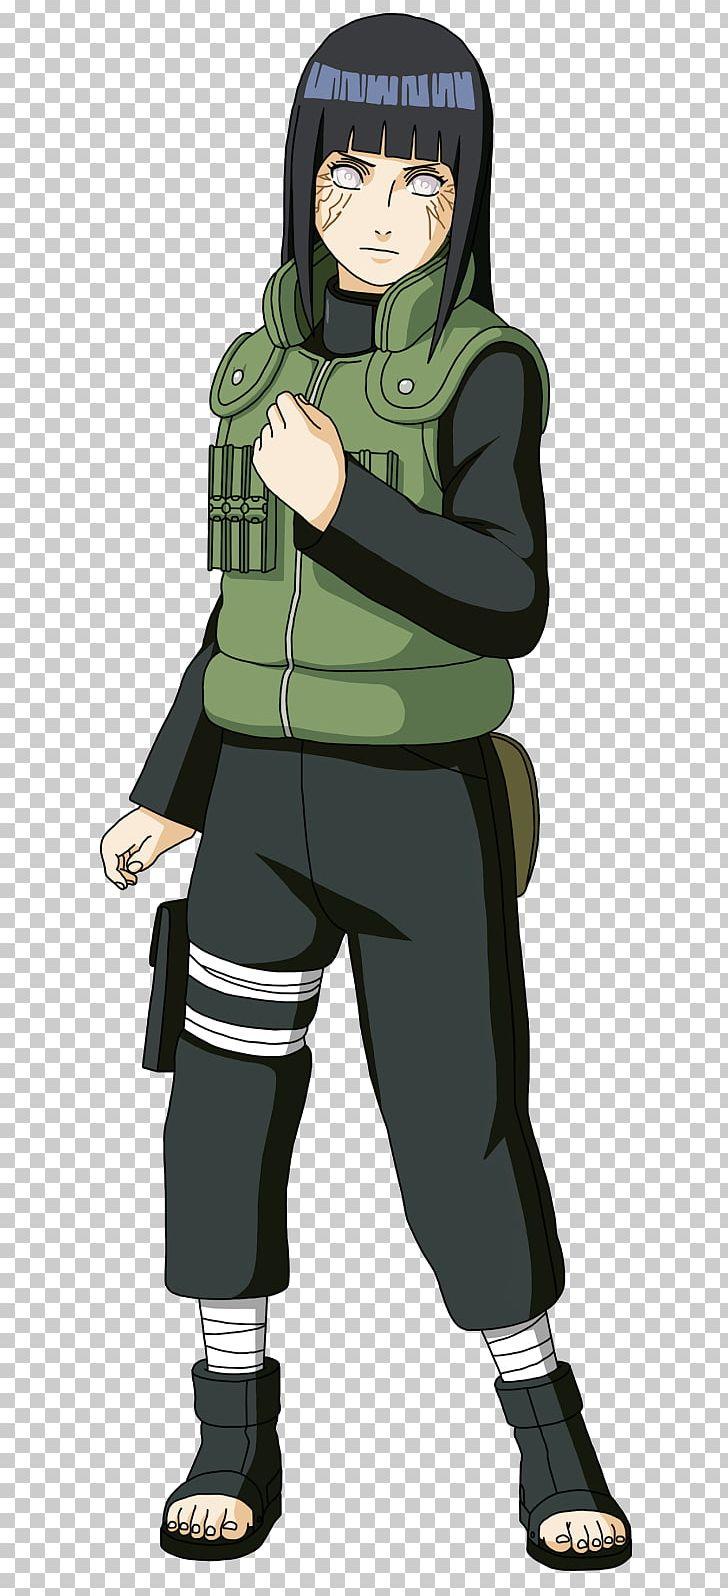 Hinata Hyuga Sakura Haruno Naruto Uzumaki Naruto: Ultimate